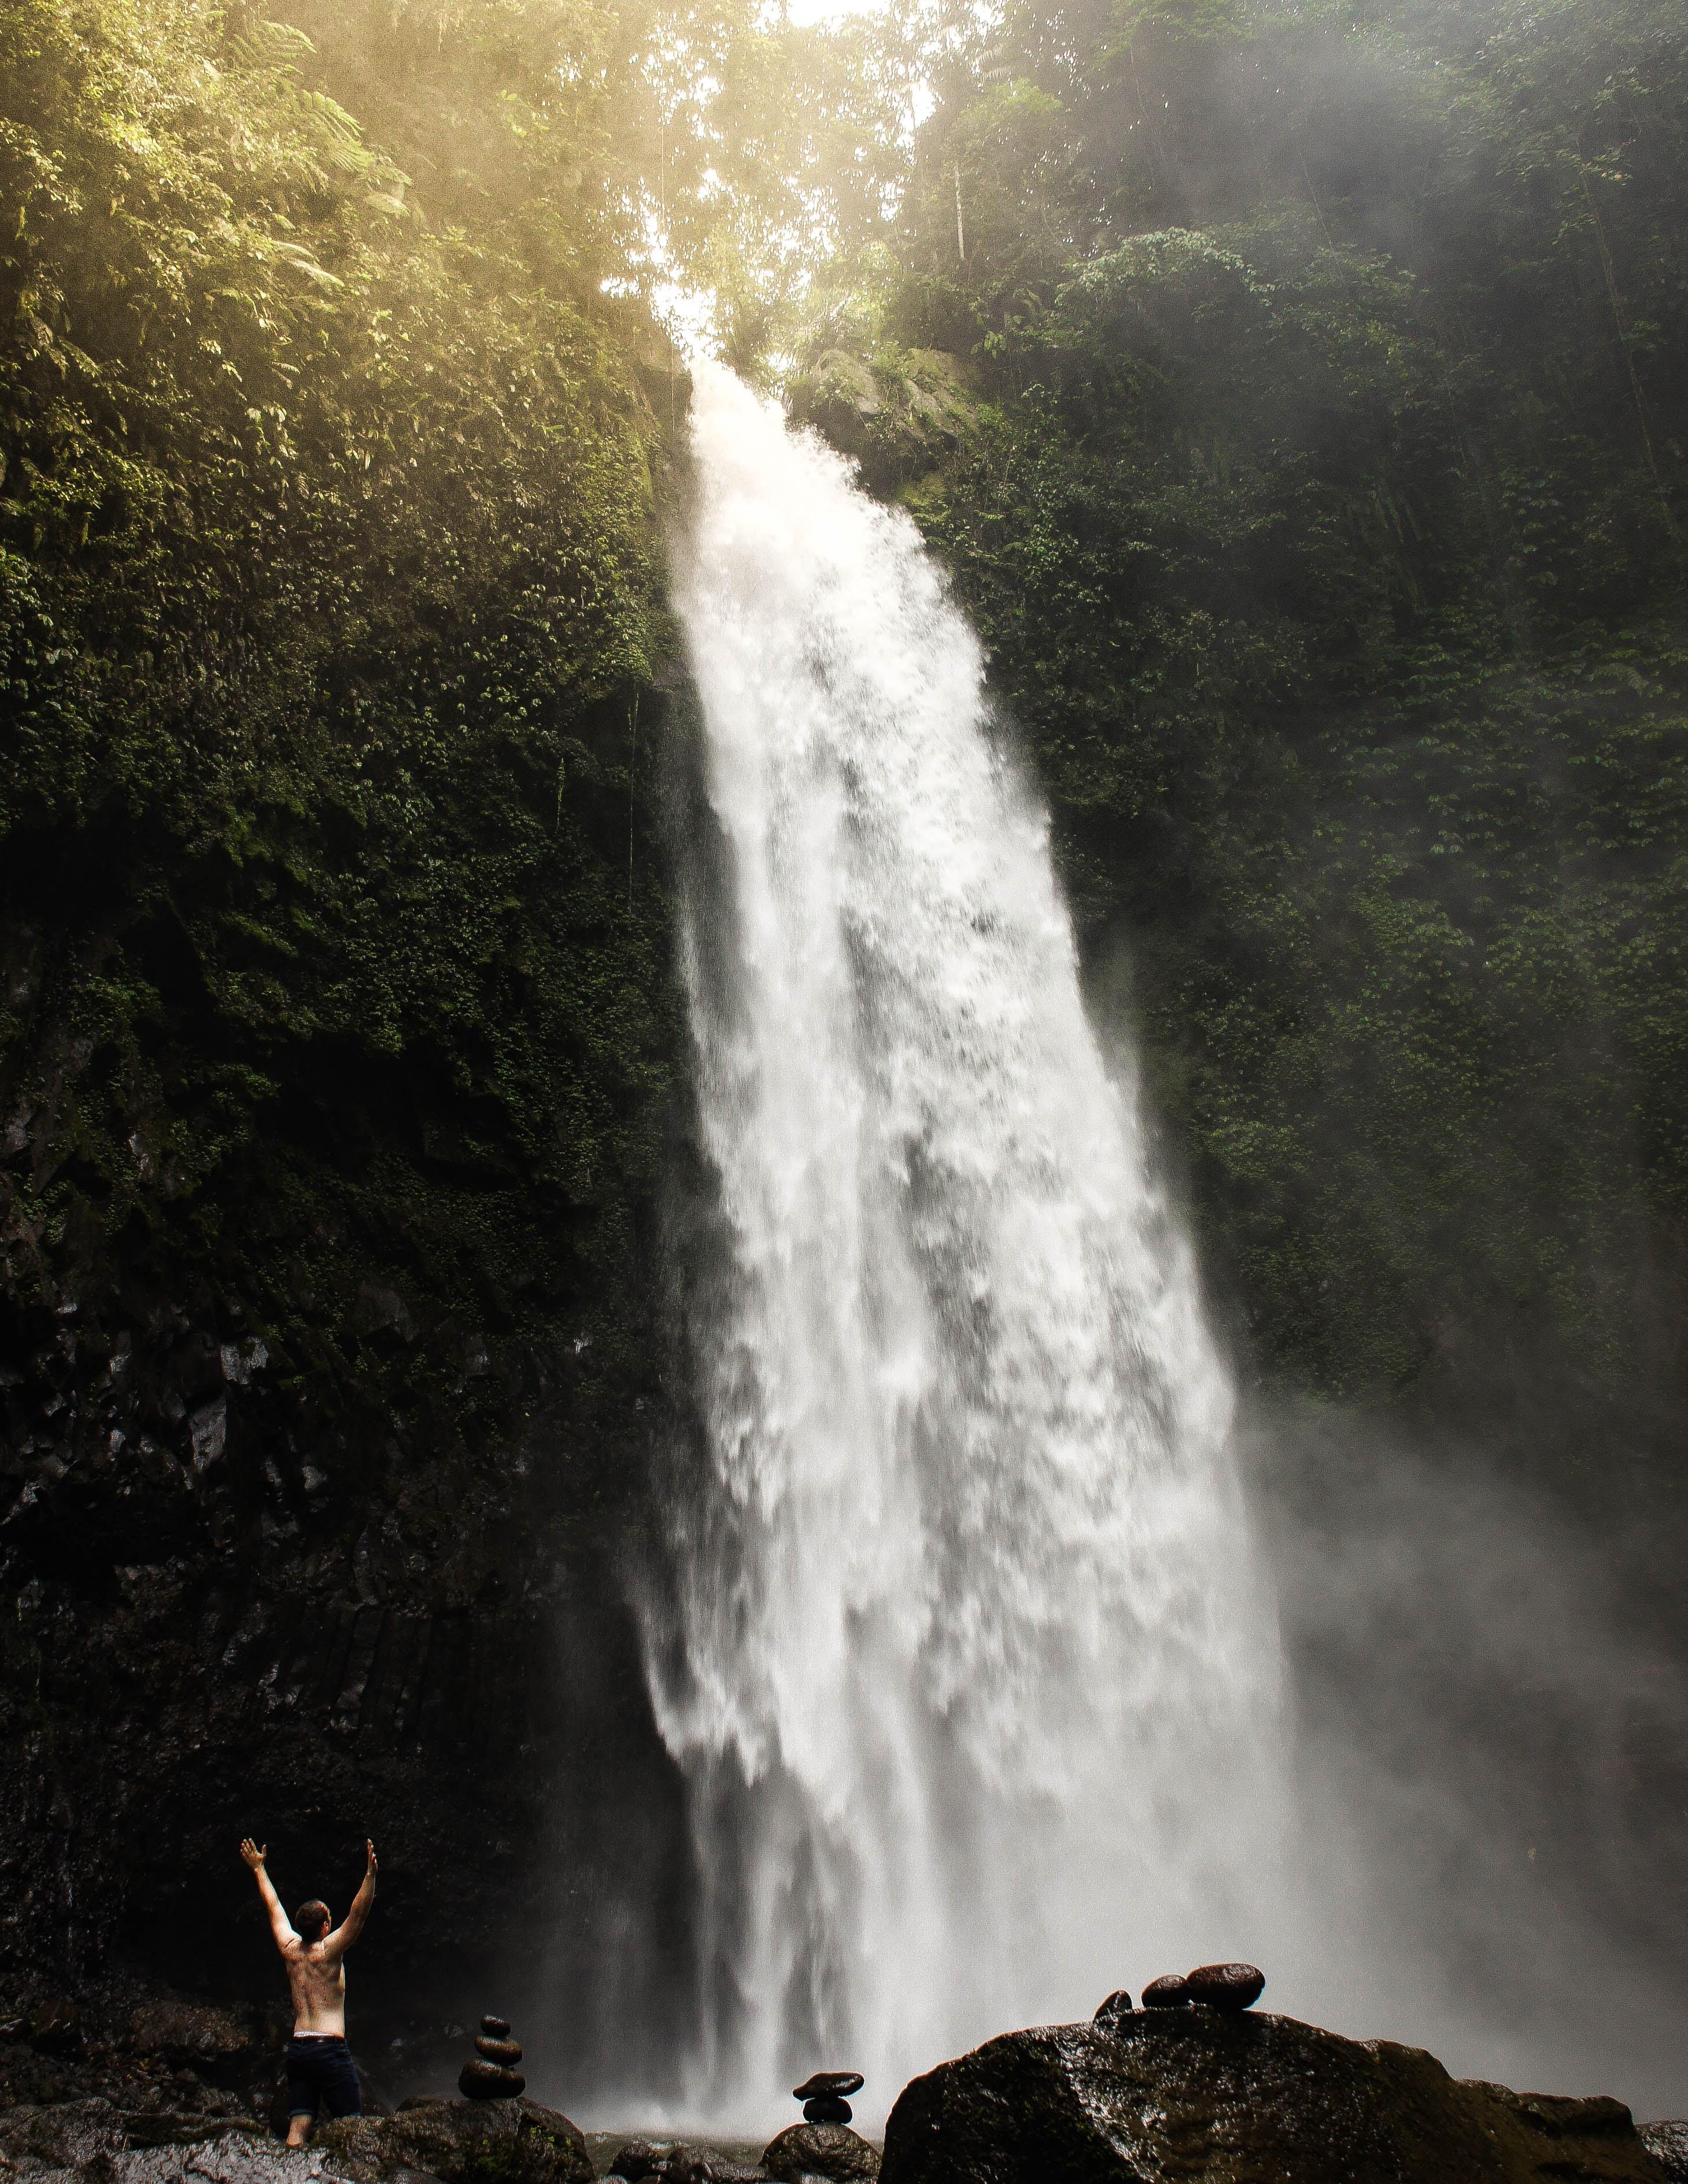 furstonetravels_thefrenchoutdoors-instameet-instagram-photographe-outdoors-aventure-bivouac-1